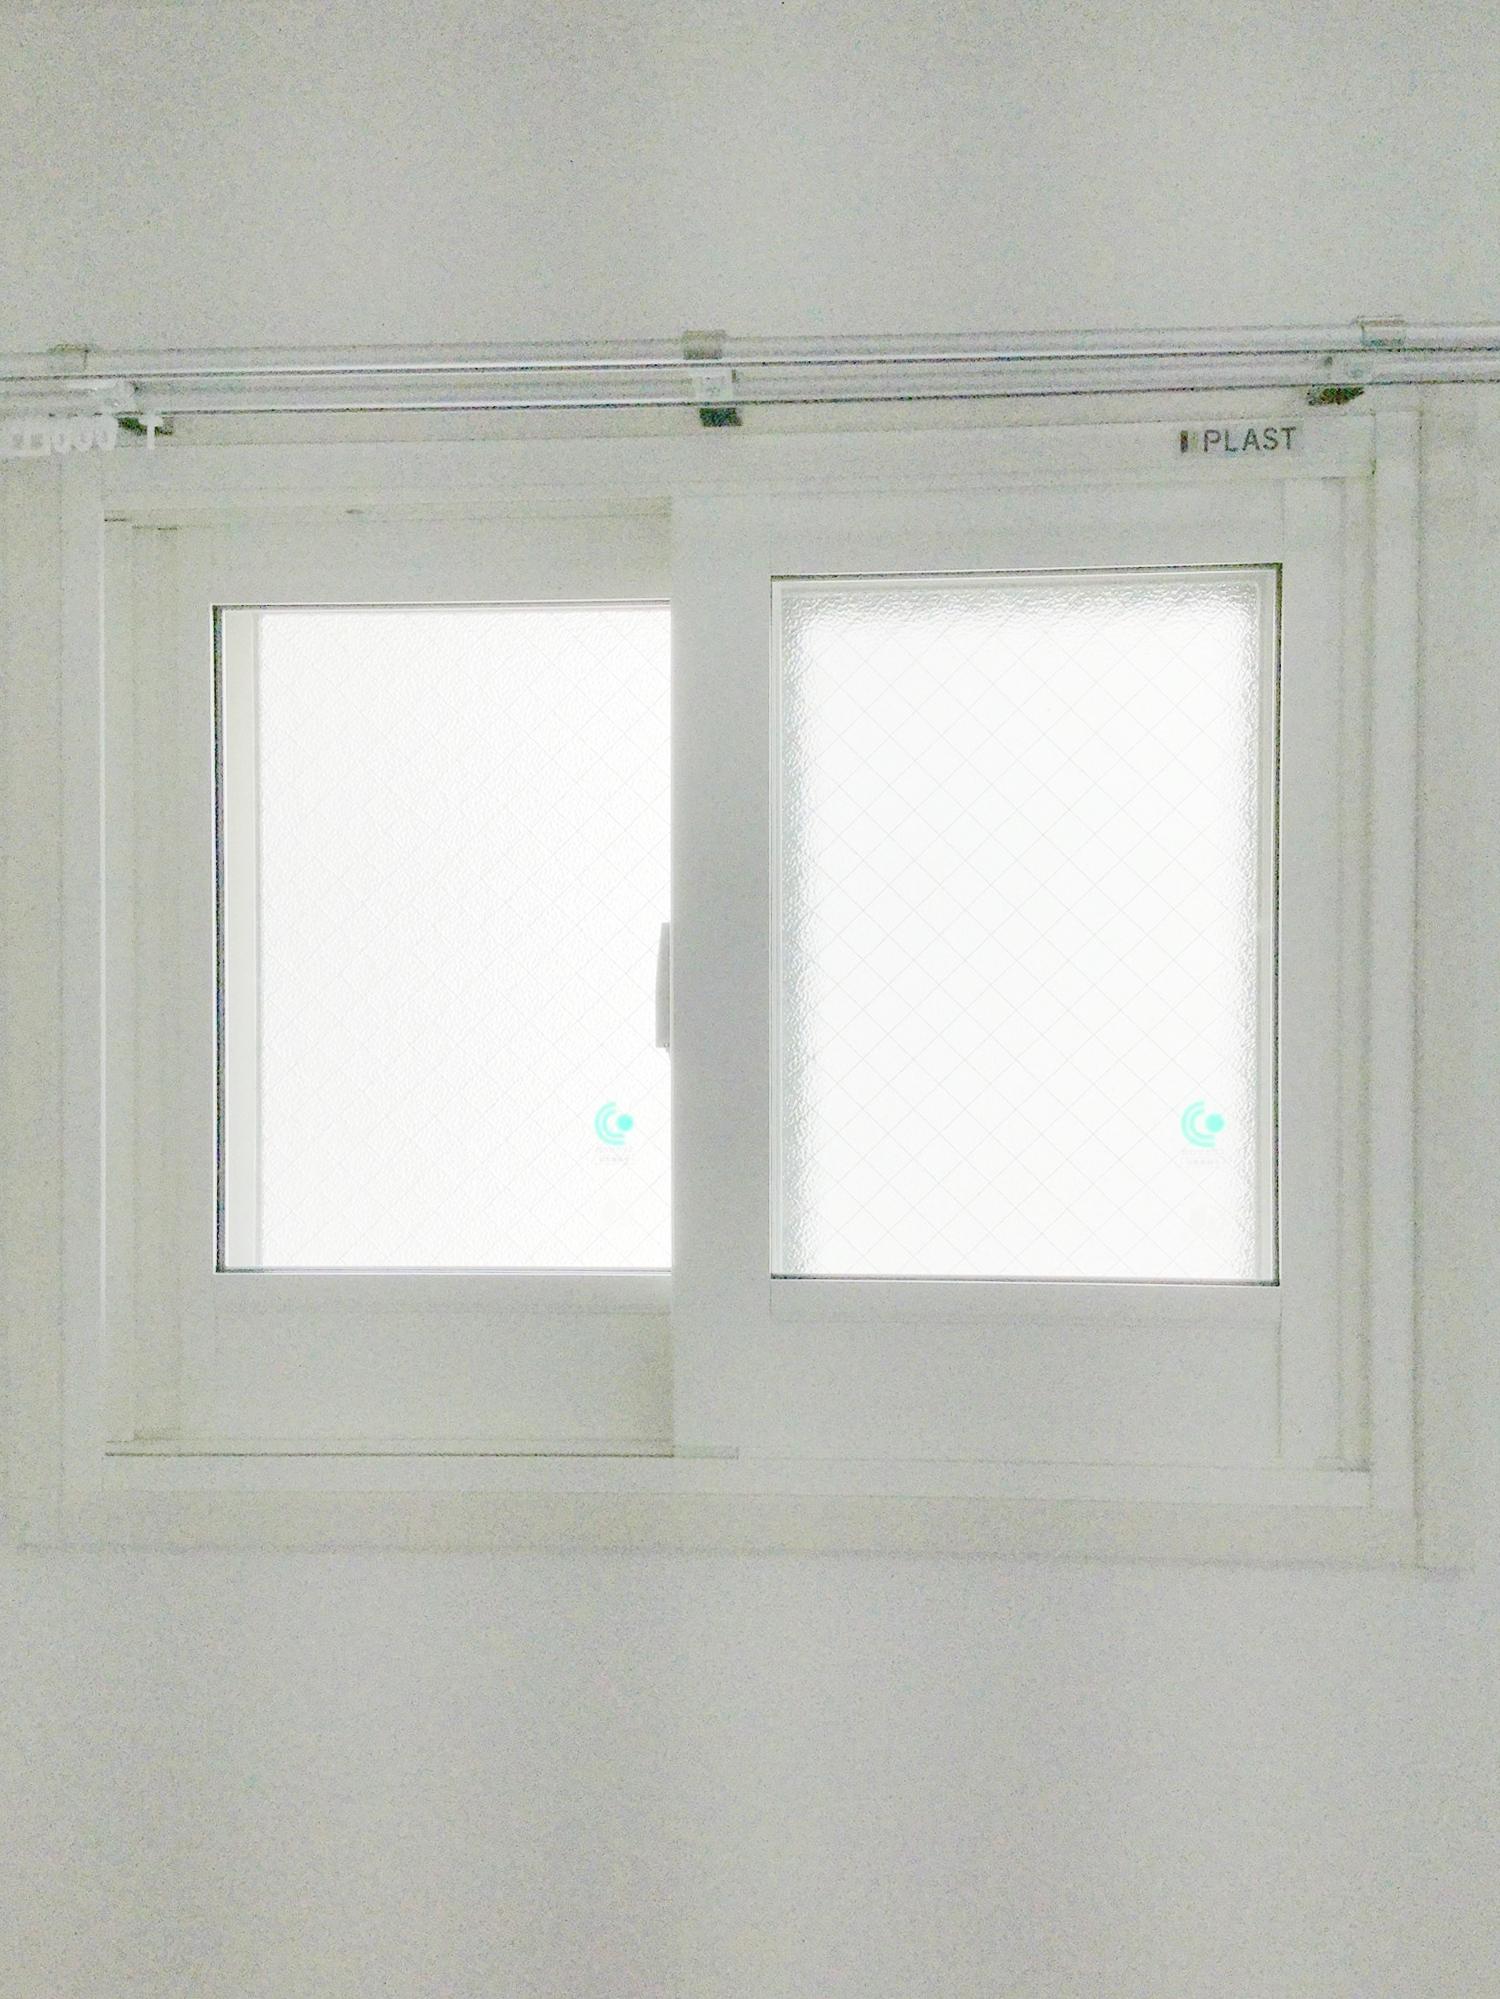 内窓プラスト&防音合わせガラス12mm施工後(小窓)